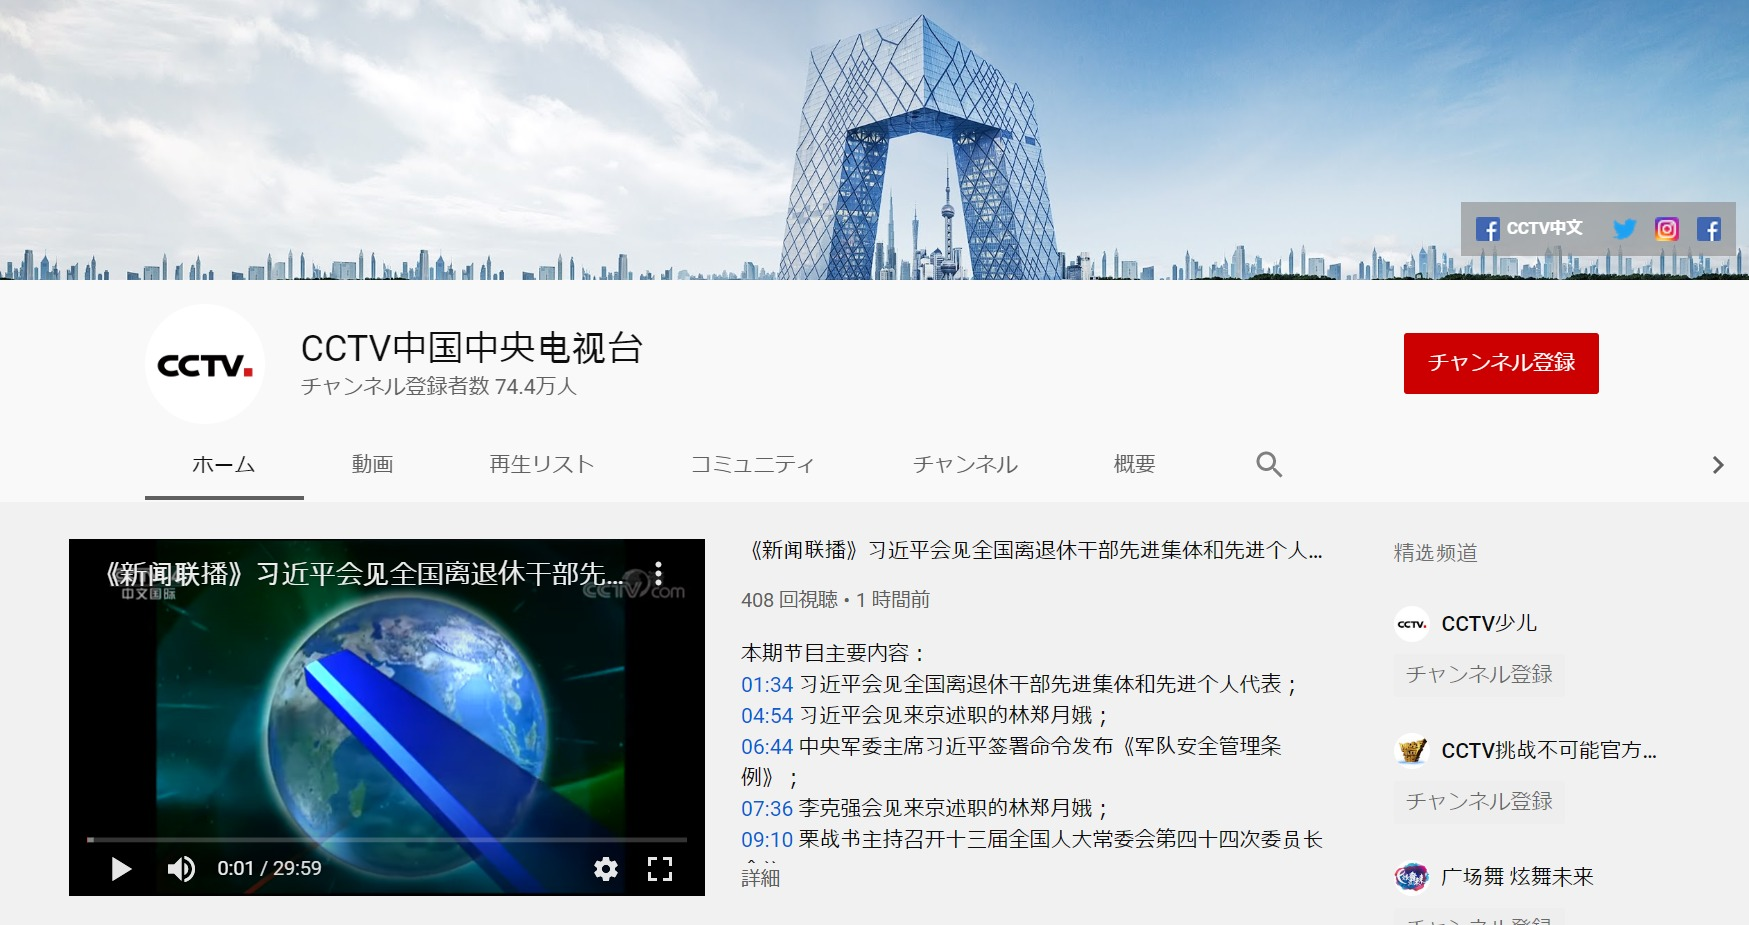 CCTV中国中央电视台のYouTubeチャンネル